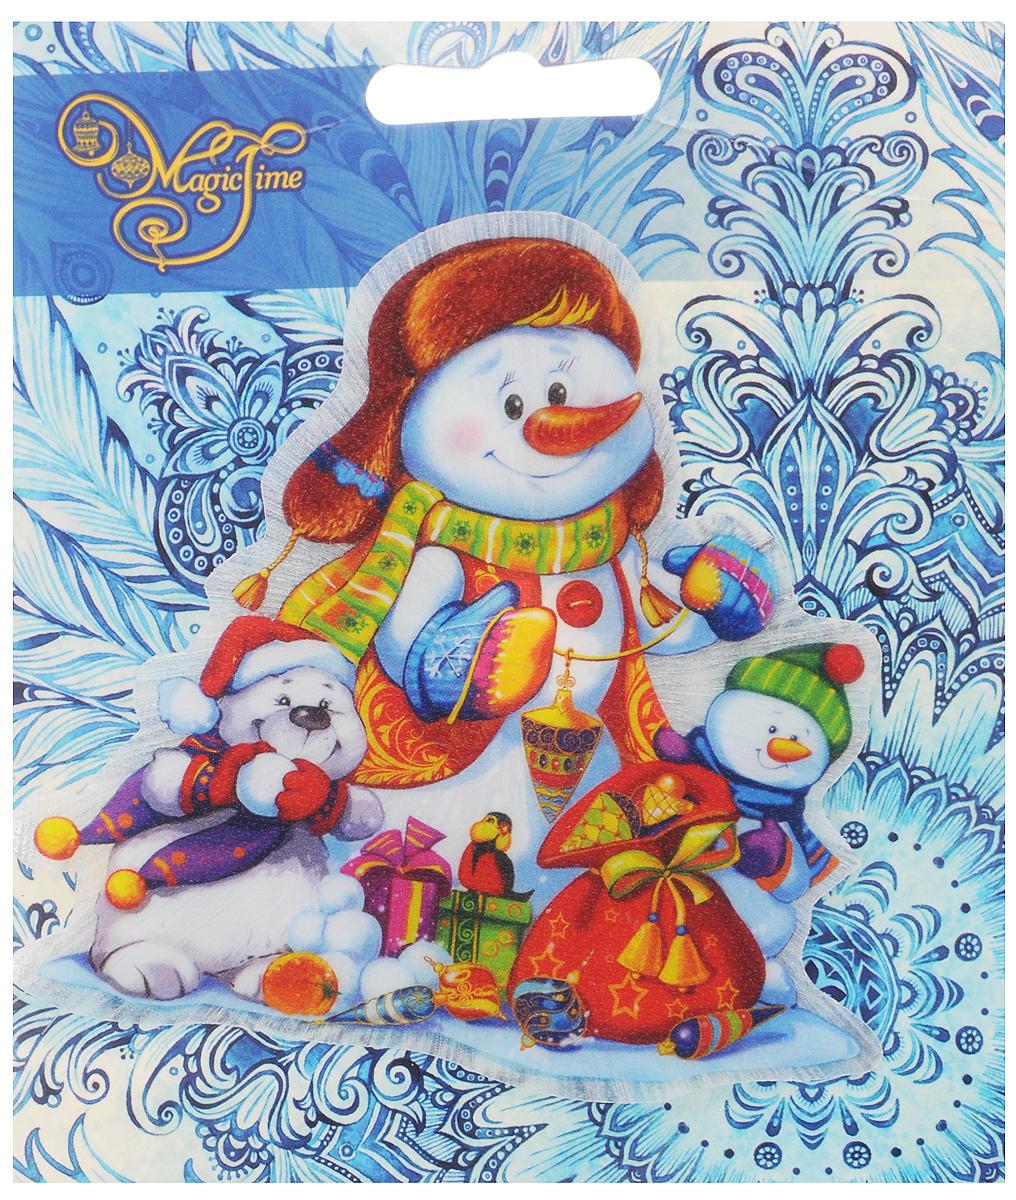 Украшение новогоднее Magic Time Снеговики, со светодиодной подсветкой, на присоске, 10,5 x 10 x 3 см804833_белыйНовогоднее украшение Magic Time Снеговики выполнено из поливинилхлорида. Украшение представляет собой пластиковую картину с изображением снеговиков с подарками. С помощью присоски украшение можно прикрепить на любое понравившееся вам место. Изделие оснащено светодиодной подсветкой.В комплект входит элемент питания LR44 (мощность 0,06 Вт, напряжение 3 В)Новогоднее украшение Magic Time Снеговики несет в себе волшебство и красоту праздника. Создайте в своем доме атмосферу веселья и радости, с помощью игрушек, которые будут из года в год накапливать теплоту воспоминаний.Размер украшения: 10,5 х 10 х 3 см.